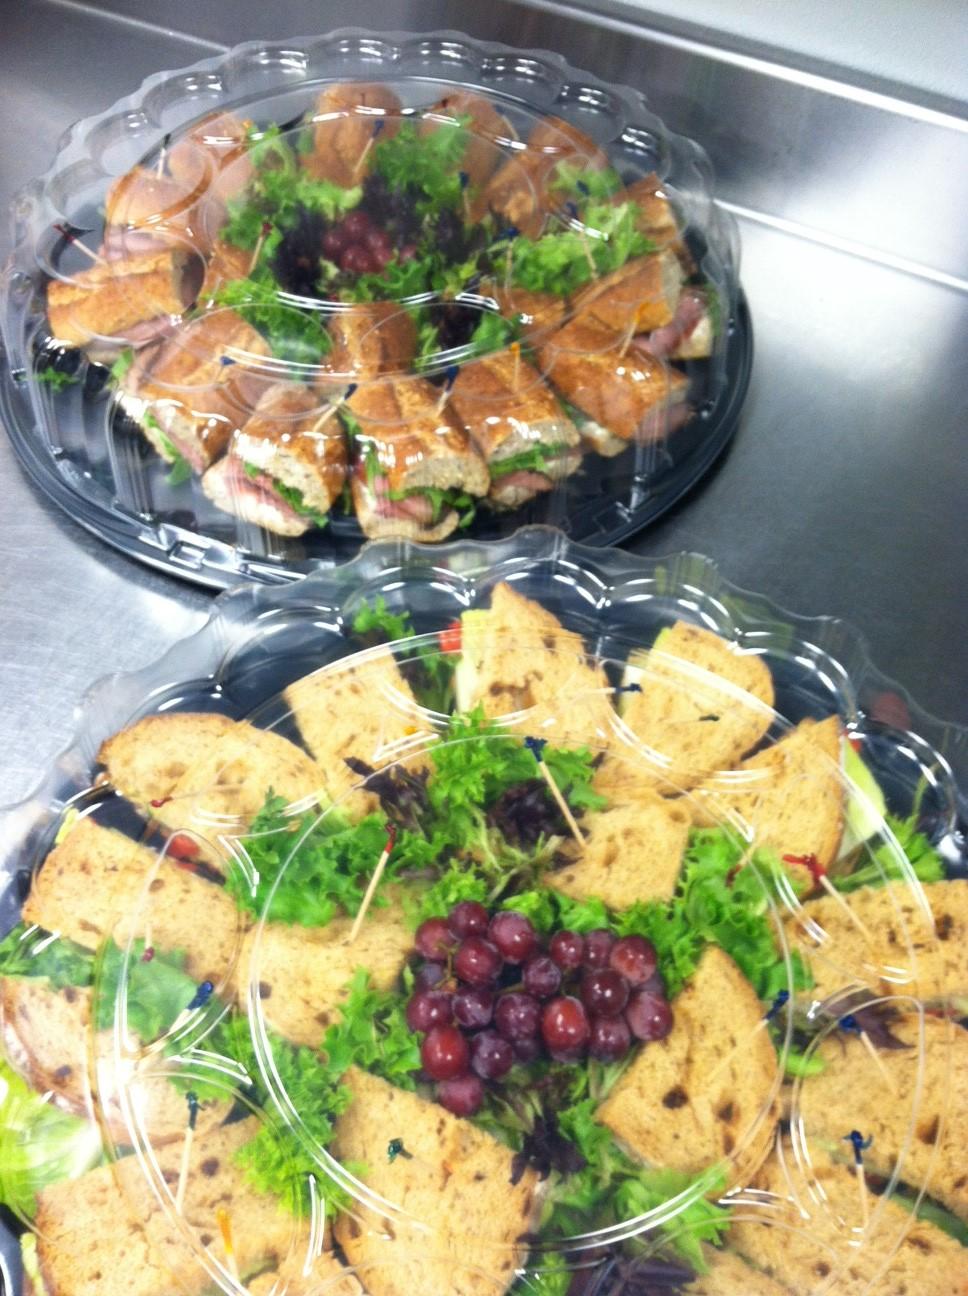 ABP sandwich platters